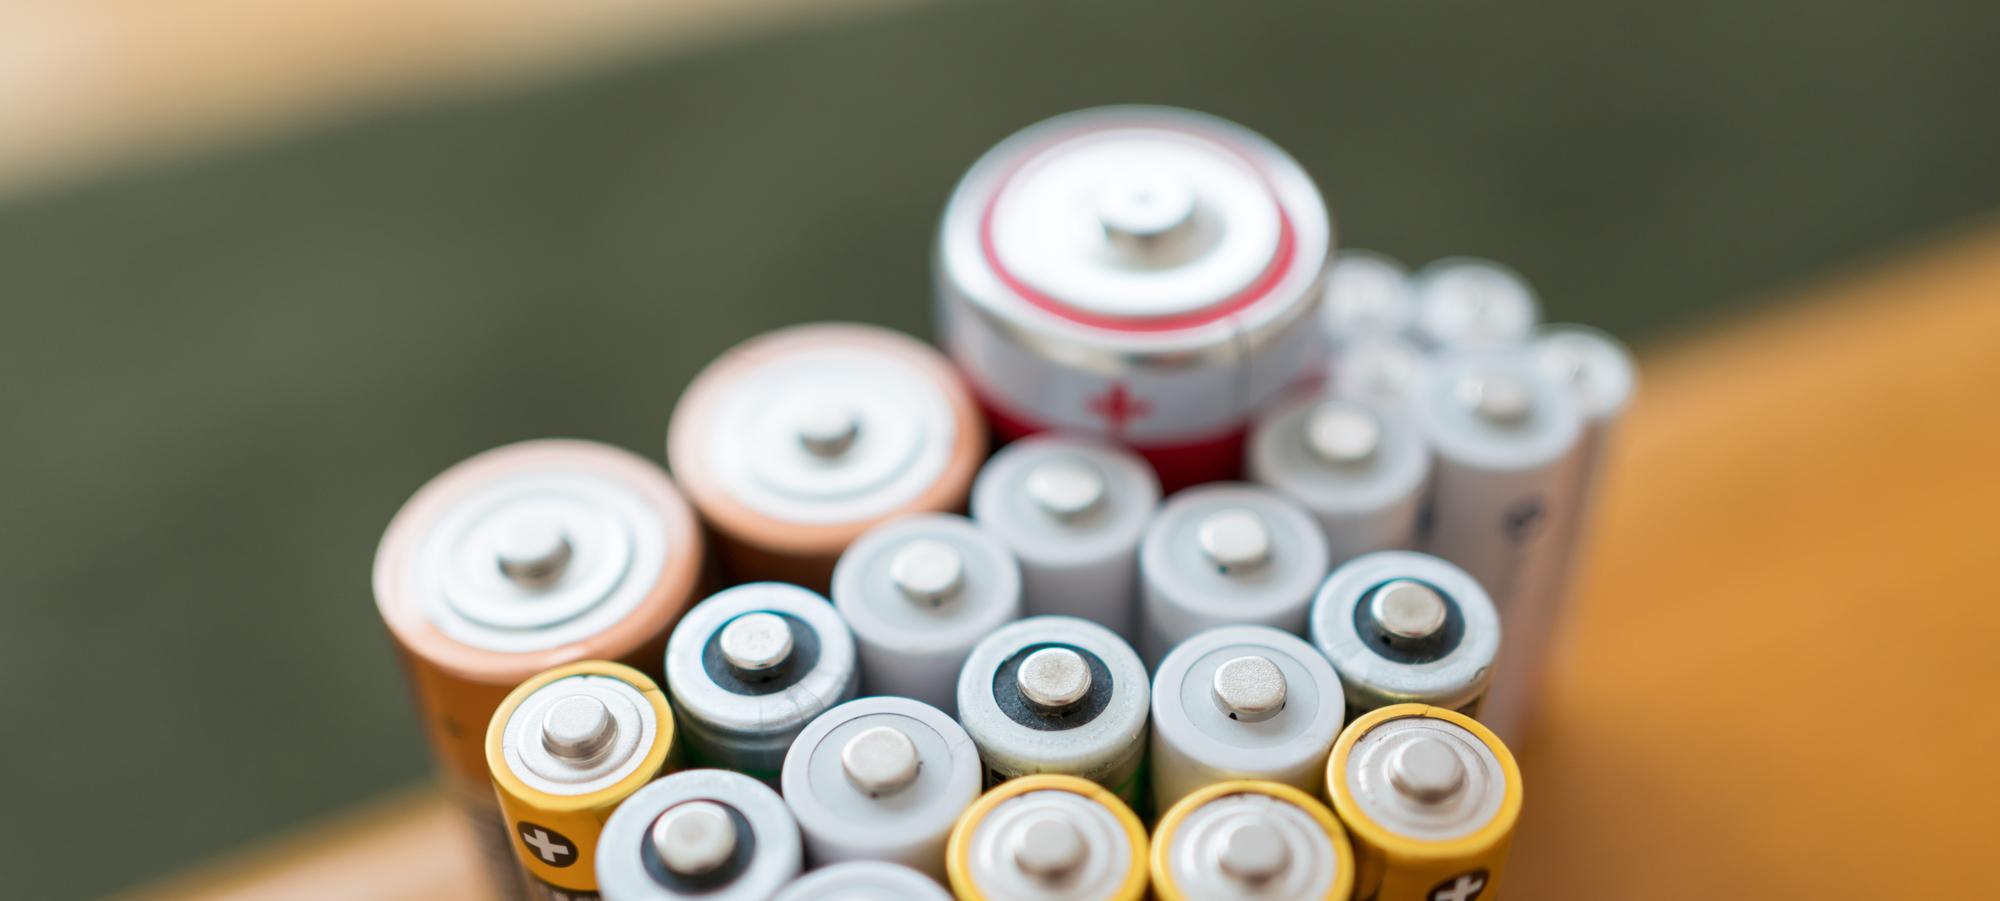 家庭用 蓄電池 寿命